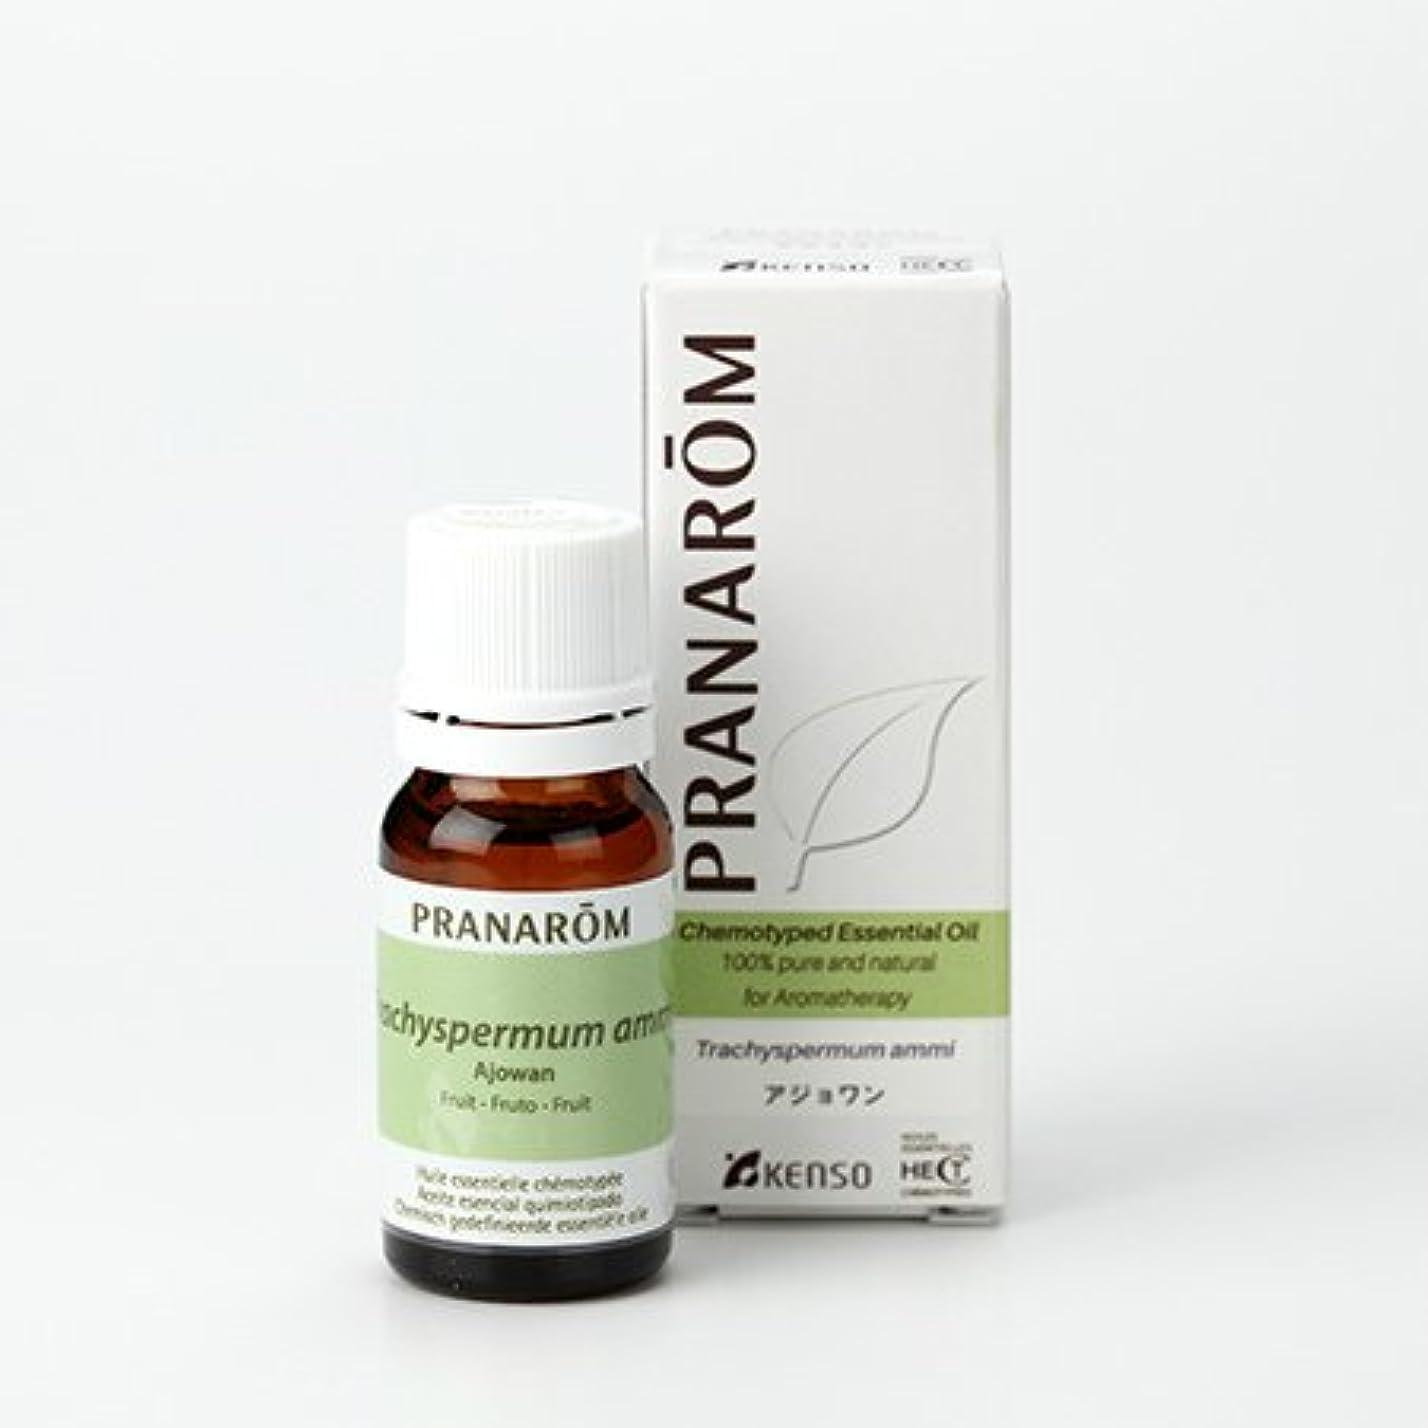 サリーグラフ清めるプラナロム アジョワン 10ml (PRANAROM ケモタイプ精油)